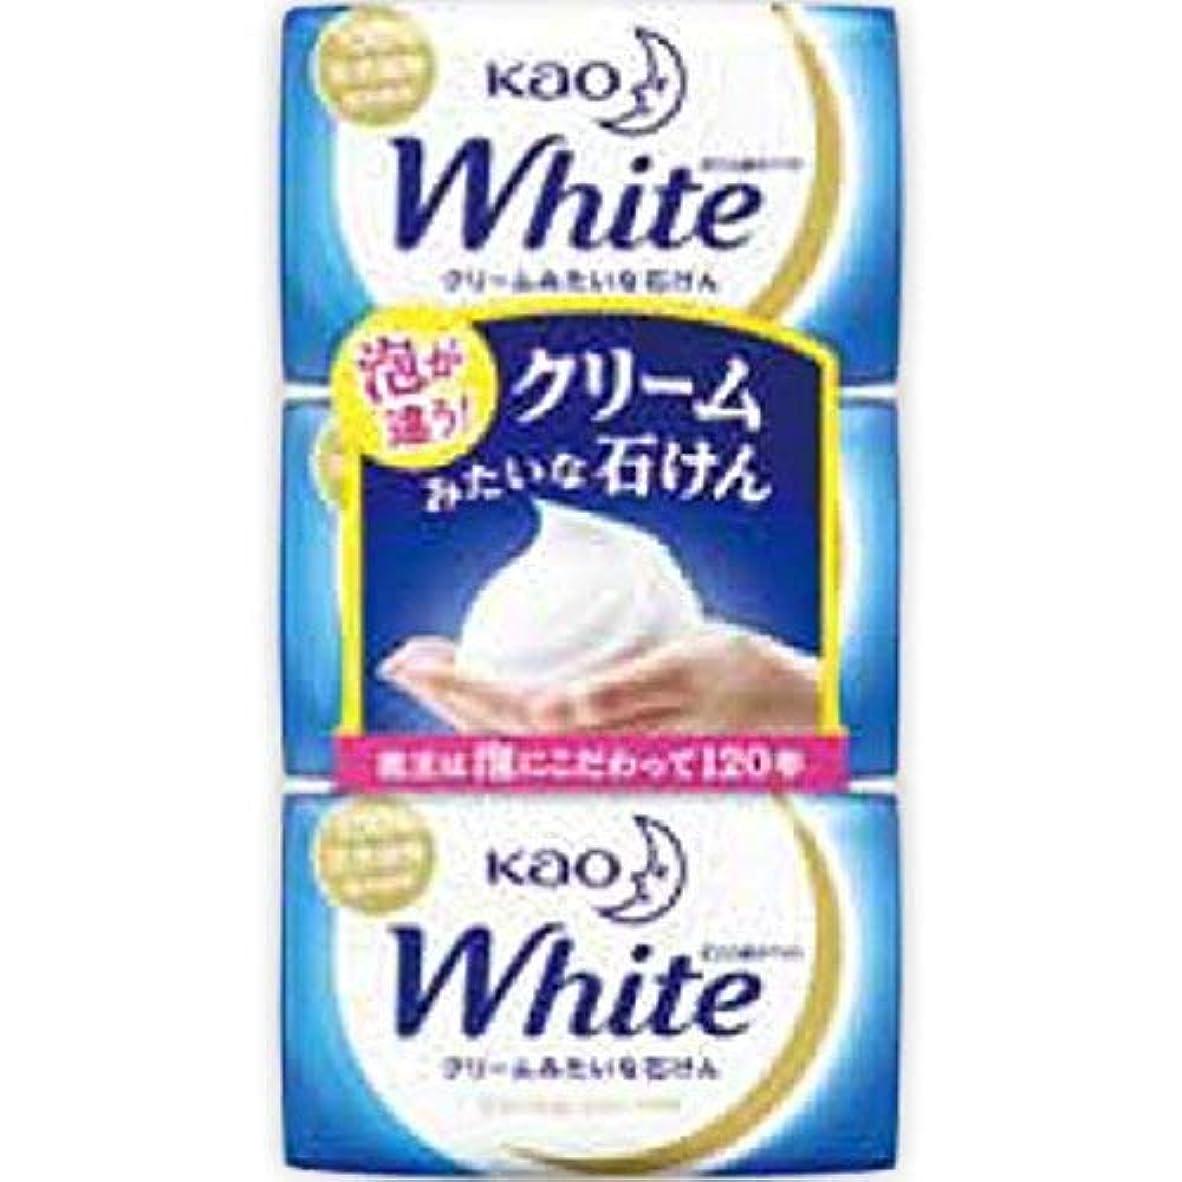 しみアルネ密度花王ホワイト レギュラーサイズ 85g*3個入